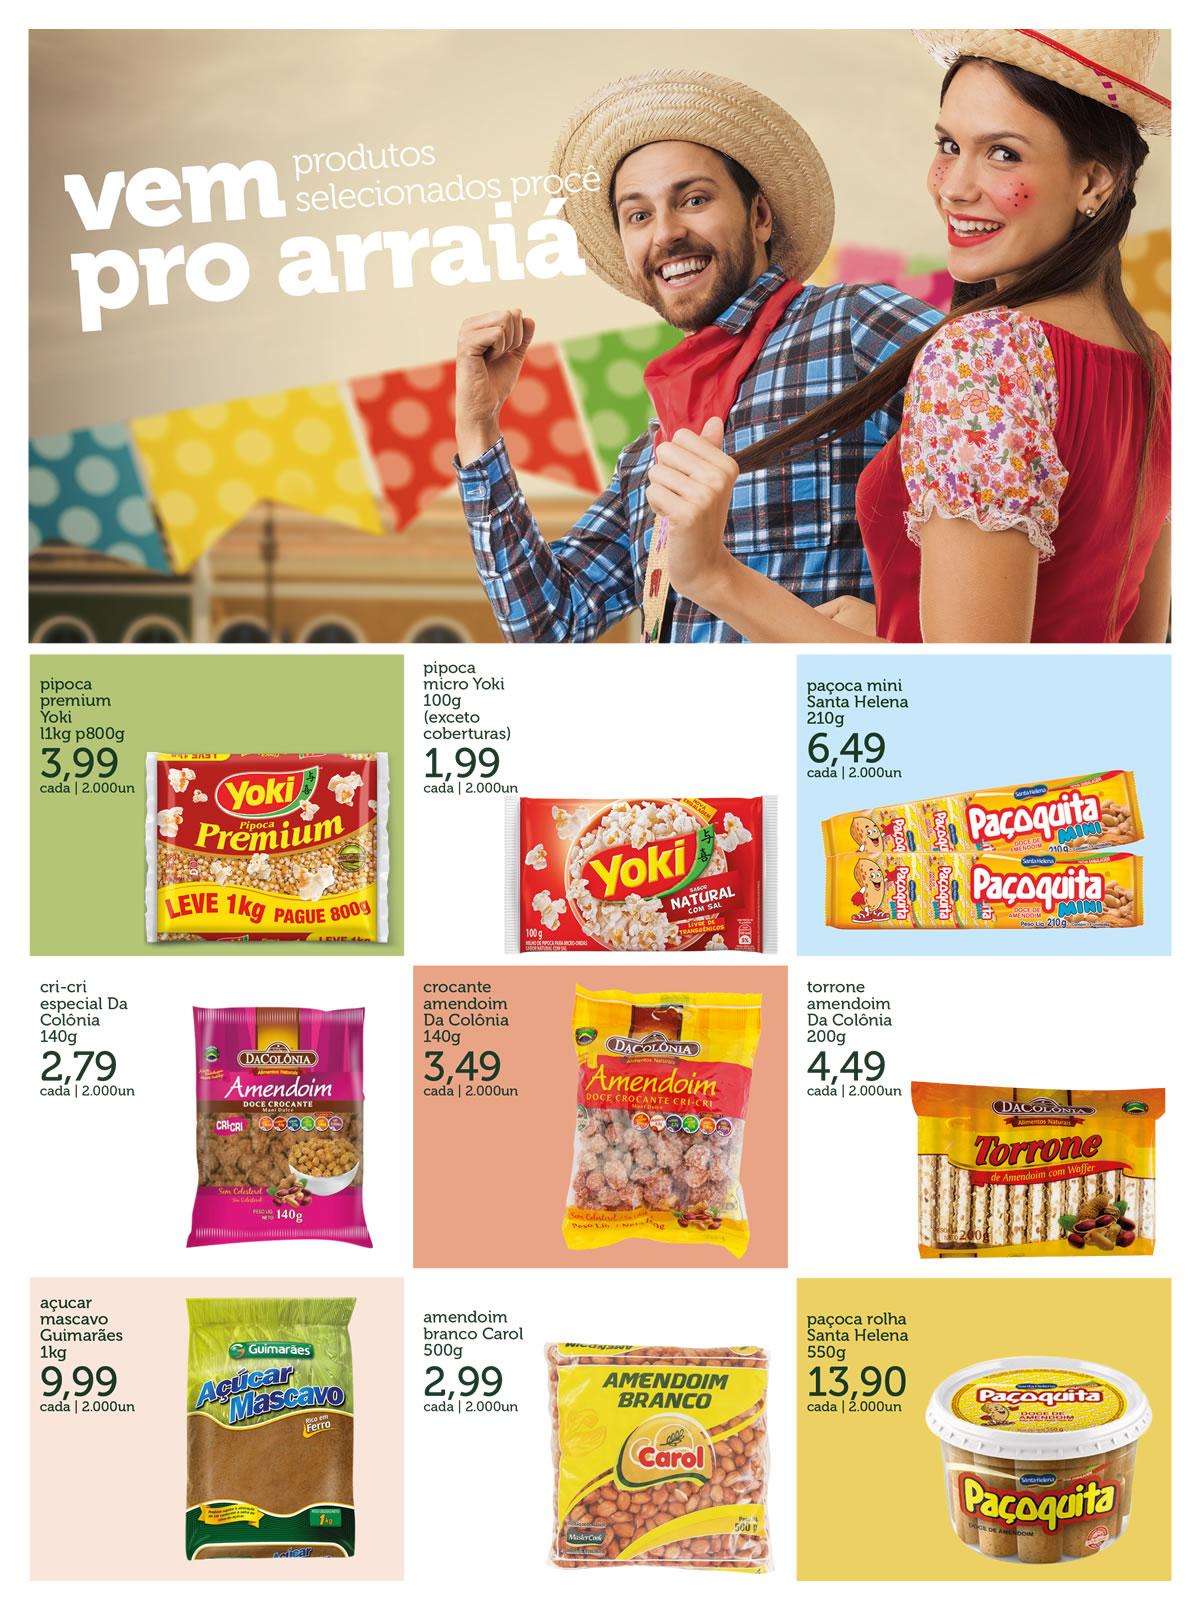 caita_supermercados_tabloide_junho2018_joacaba09